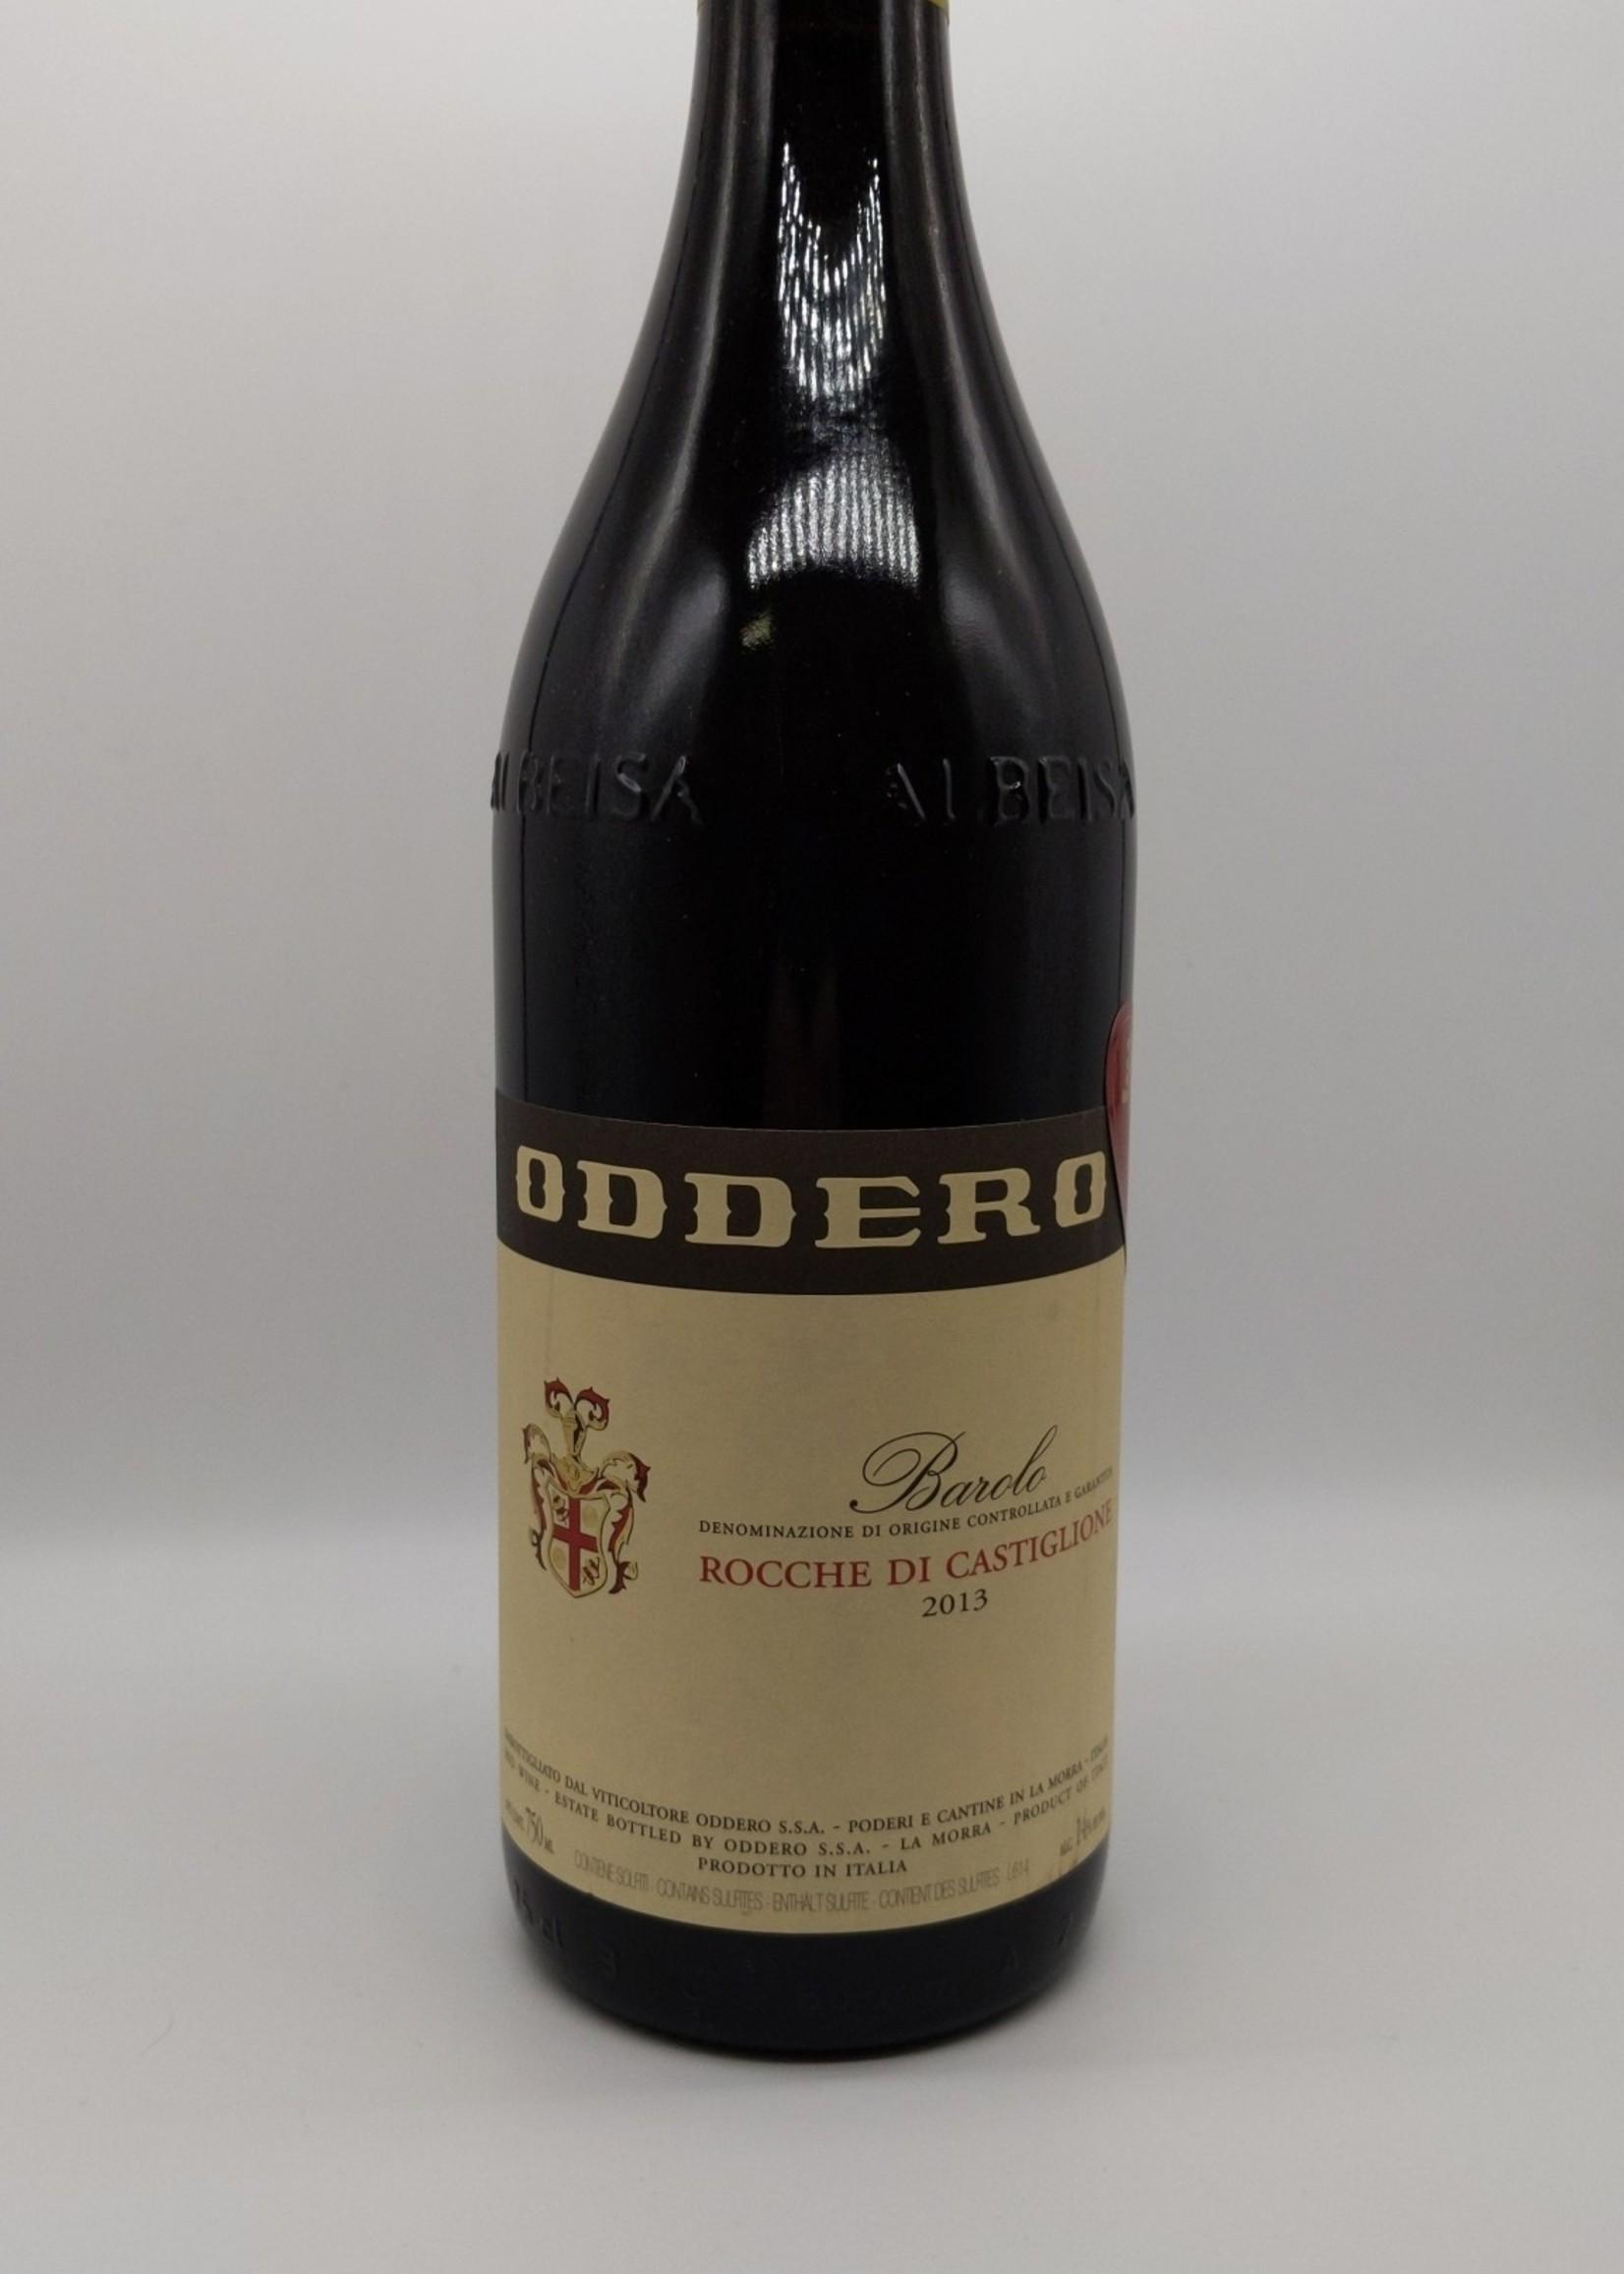 2013 ODDERO ROCHE DI CAST BAROLO 750ml